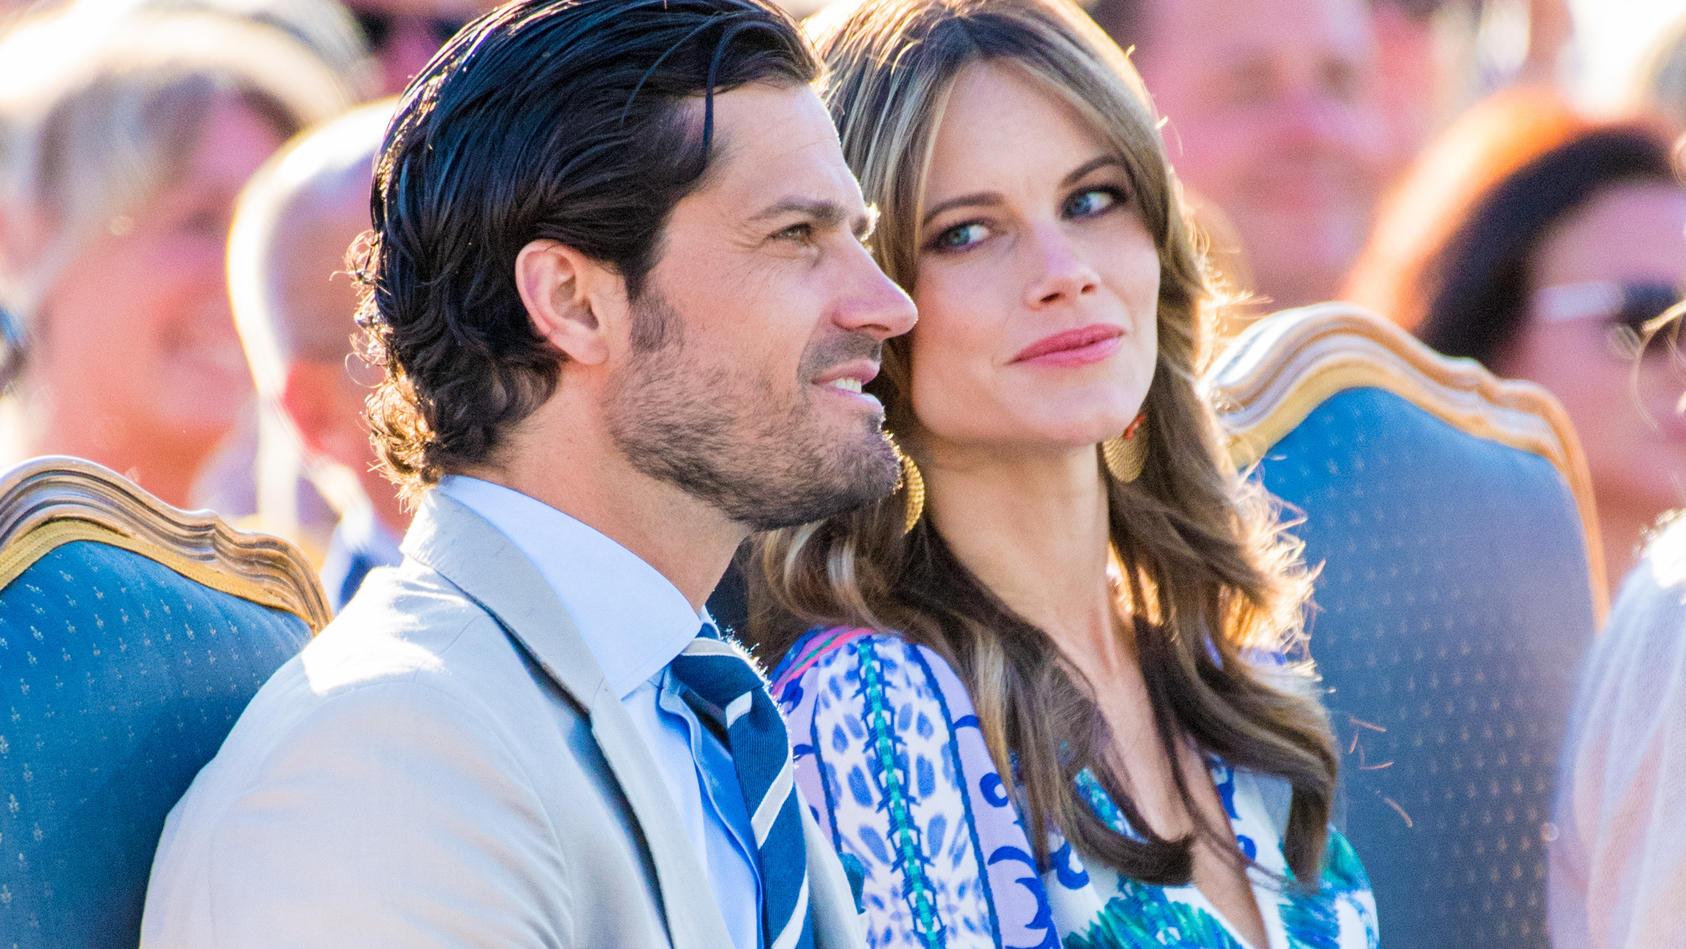 Endlich ein Update! Die Hofsprecherin der schwedischen Royals verrät, wie es Prinz Carl Philip und Prinzessin Sofia in der Corona-Quarantäne ergeht.